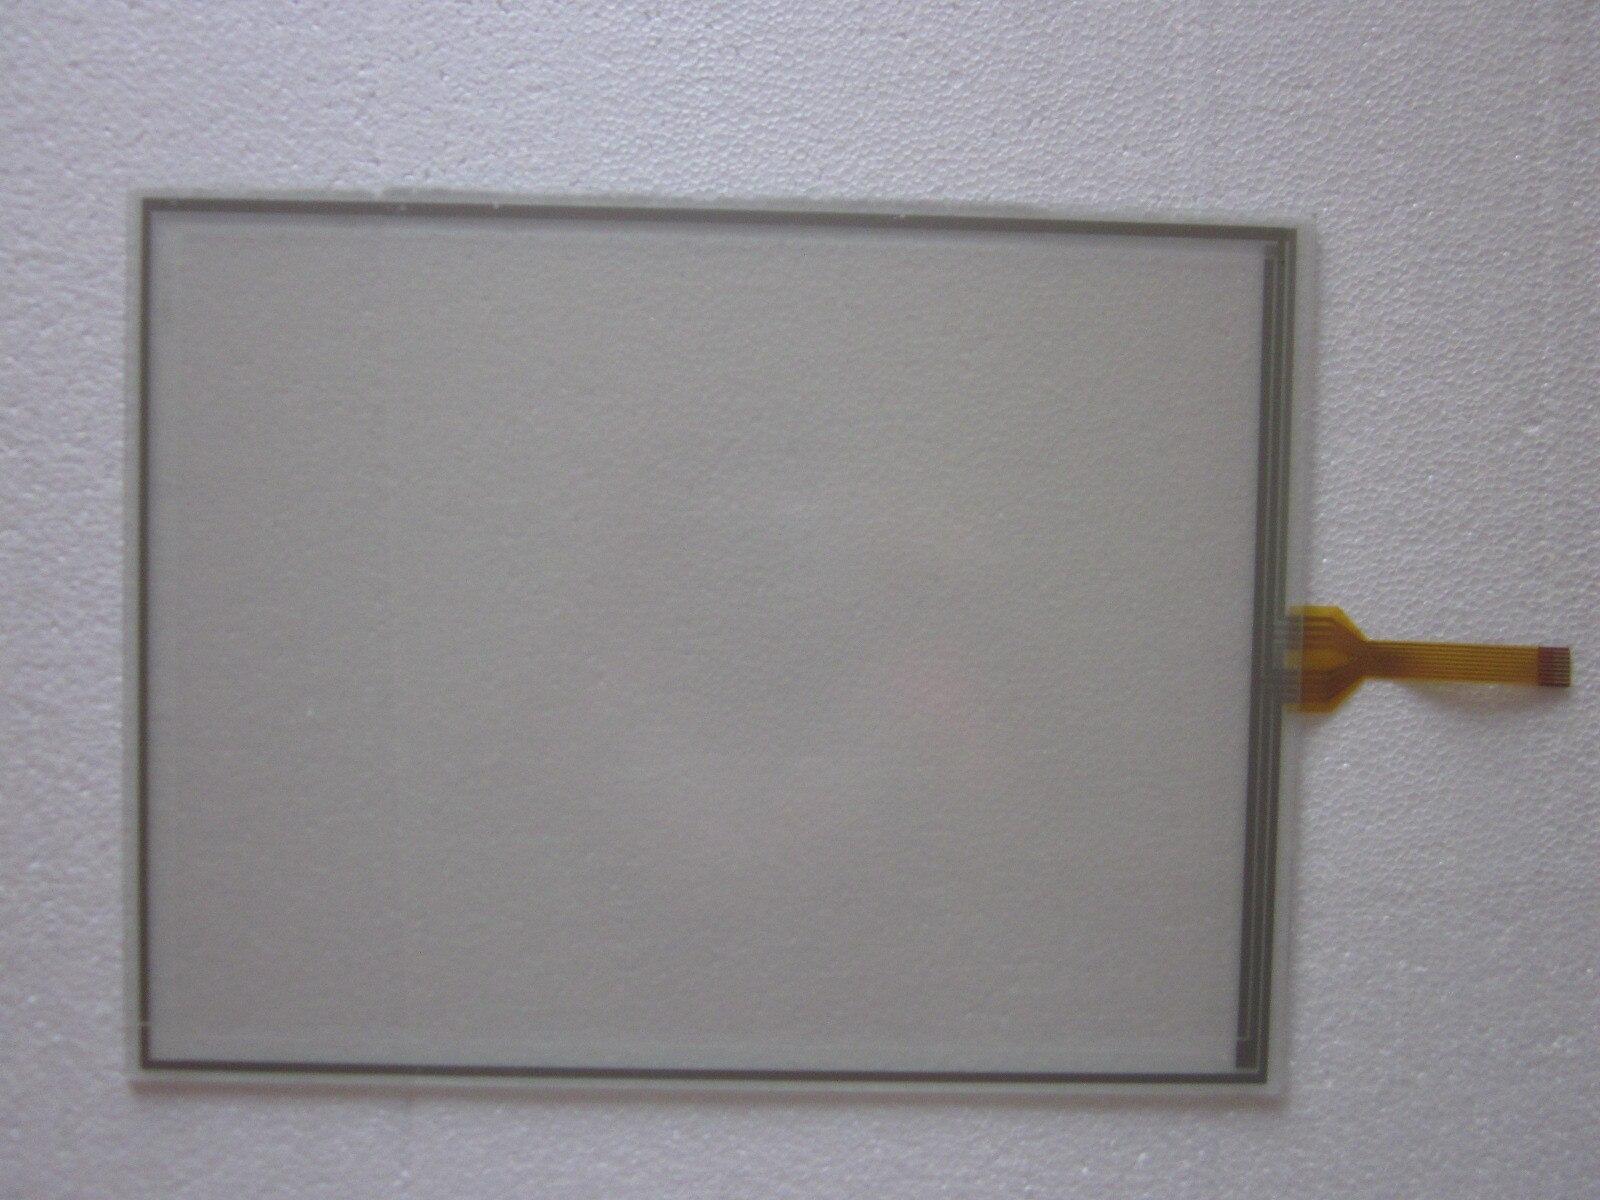 جاي UT3-15BX1RD-C اللمس الزجاج لوحة ل HMI لوحة إصلاح ~ تفعل ذلك بنفسك ، جديد ويكون في الأسهم